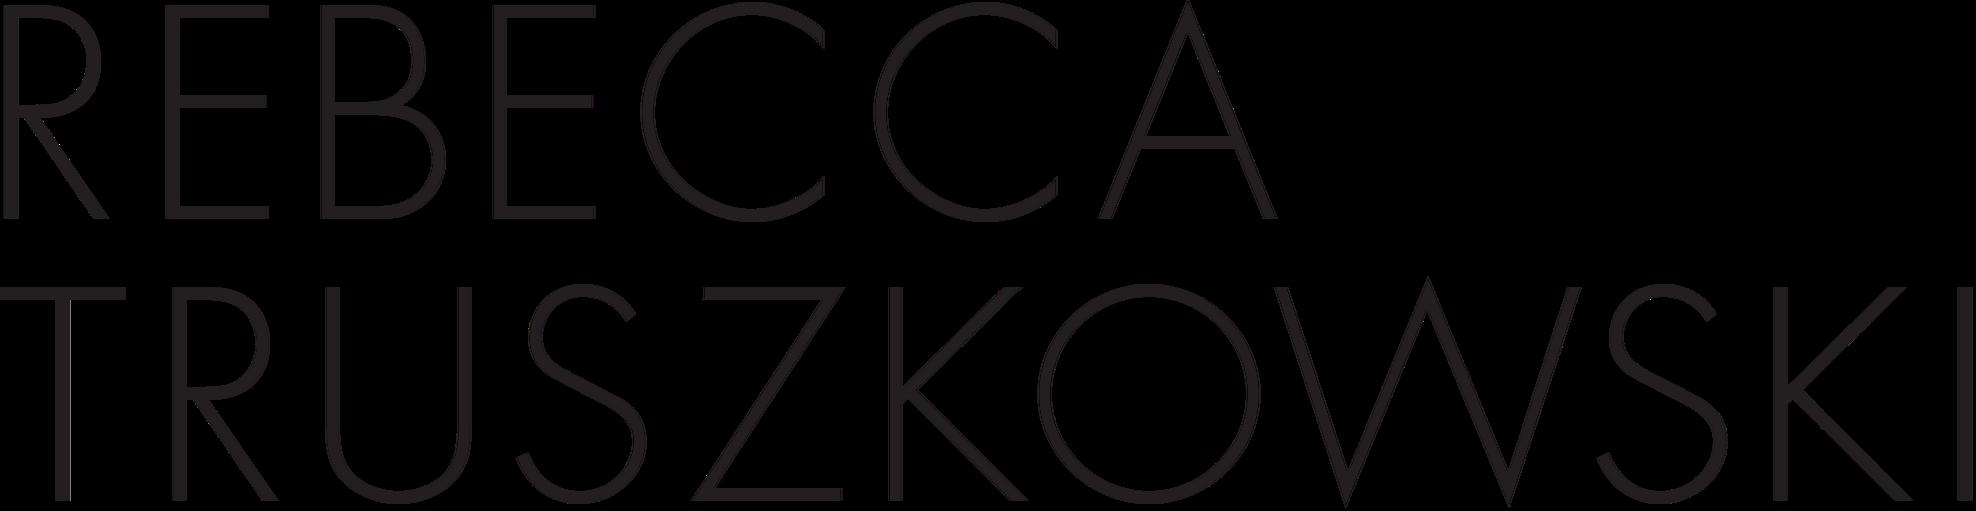 Rebecca Truszkowski